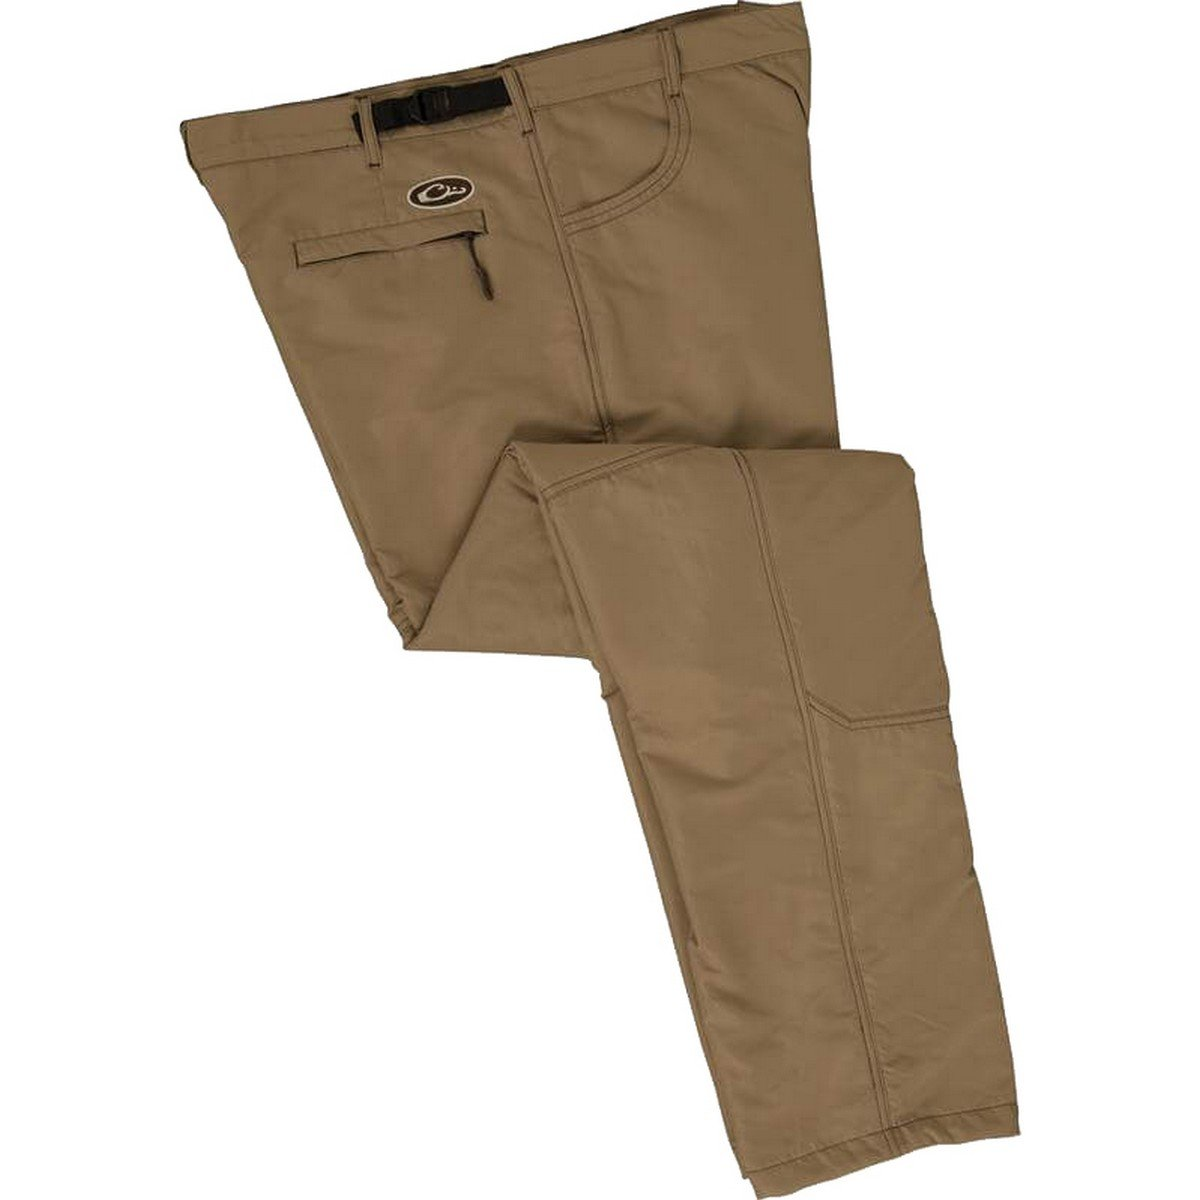 Drake Men's MST Jean Cut Wader Pants Polyester Khaki XL